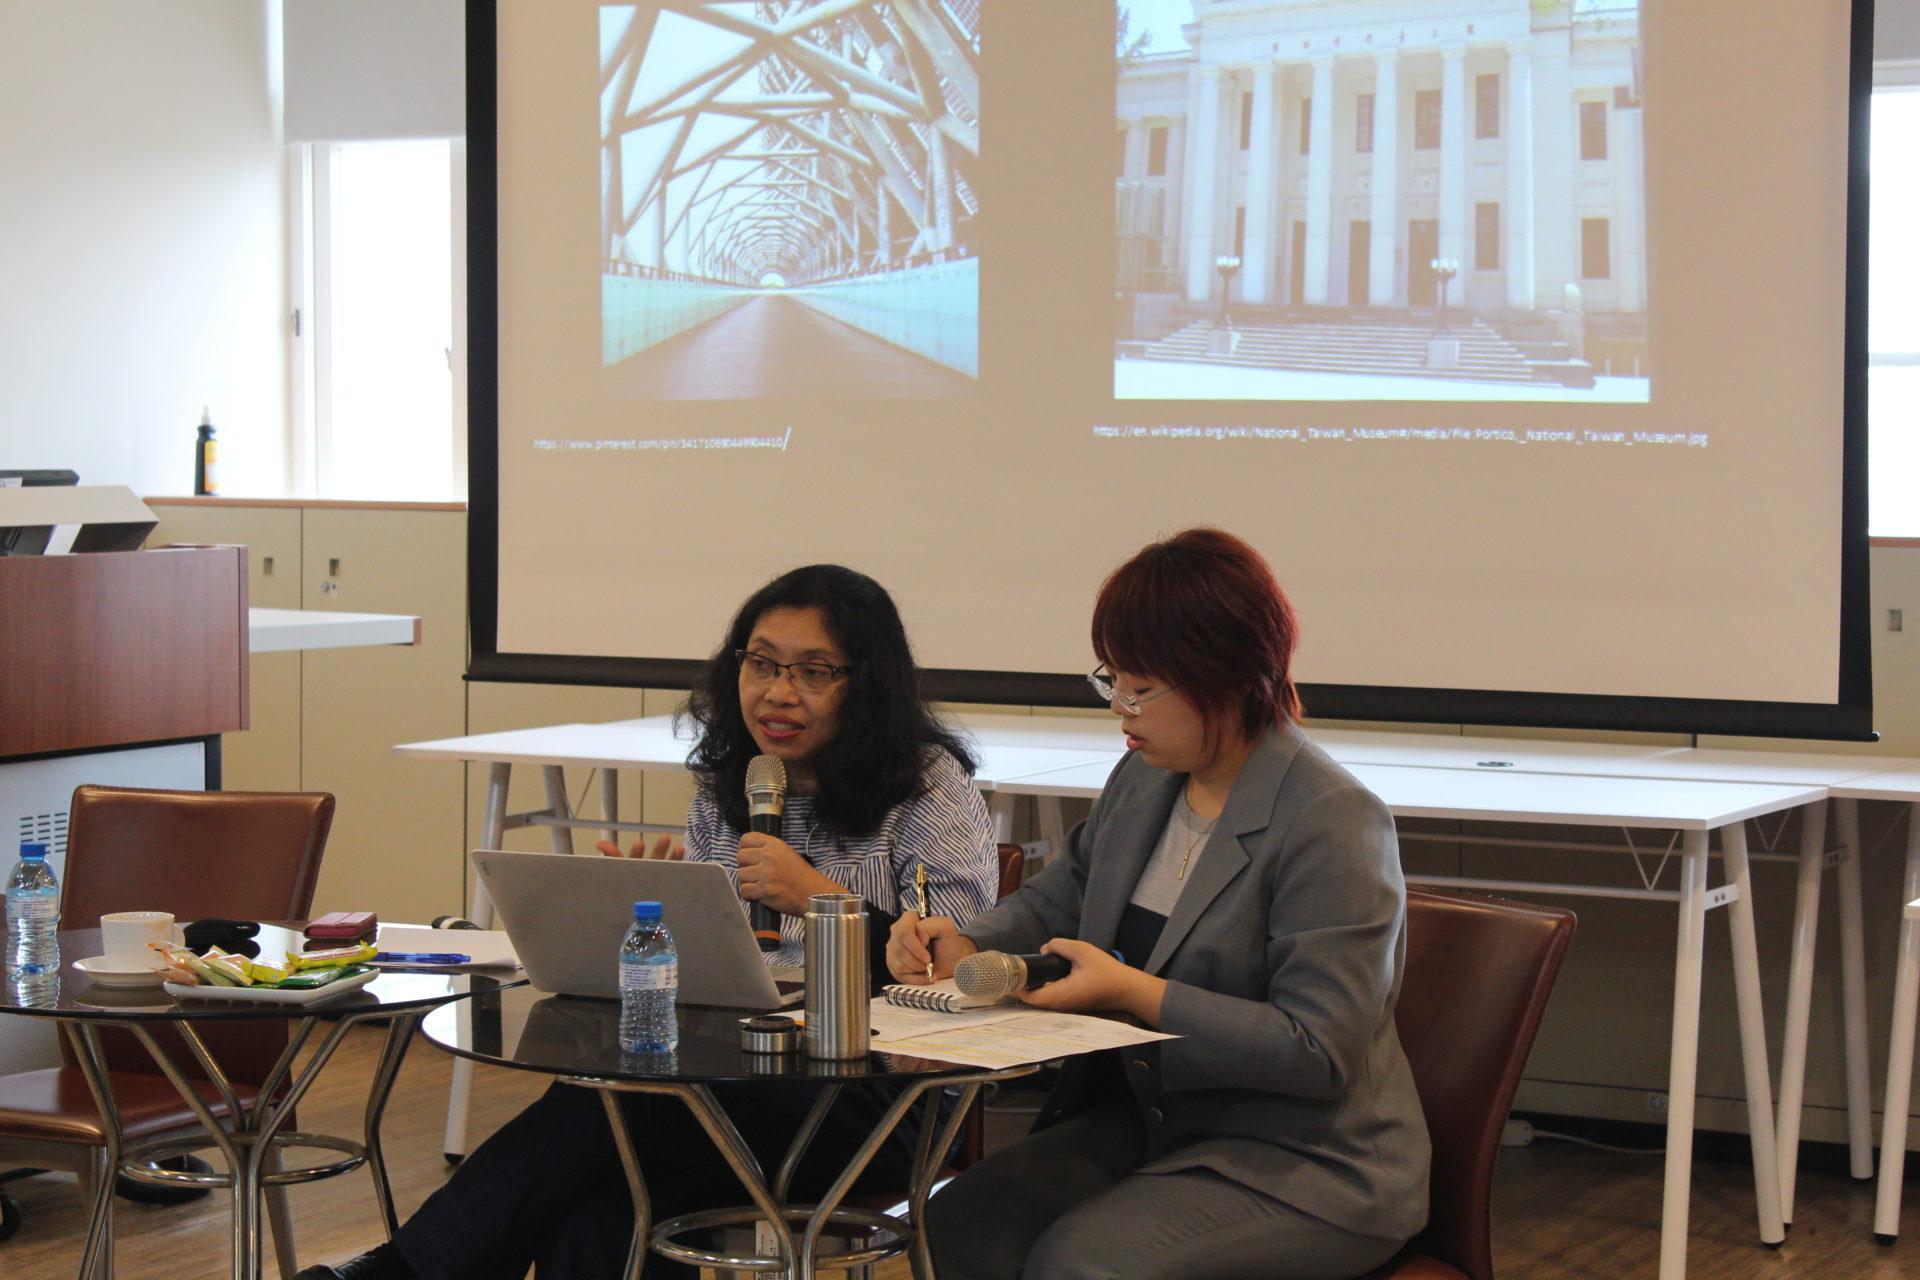 【亞太博物館連線專欄】評估及反思亞洲的博物館、跨國移民移工與多元社會